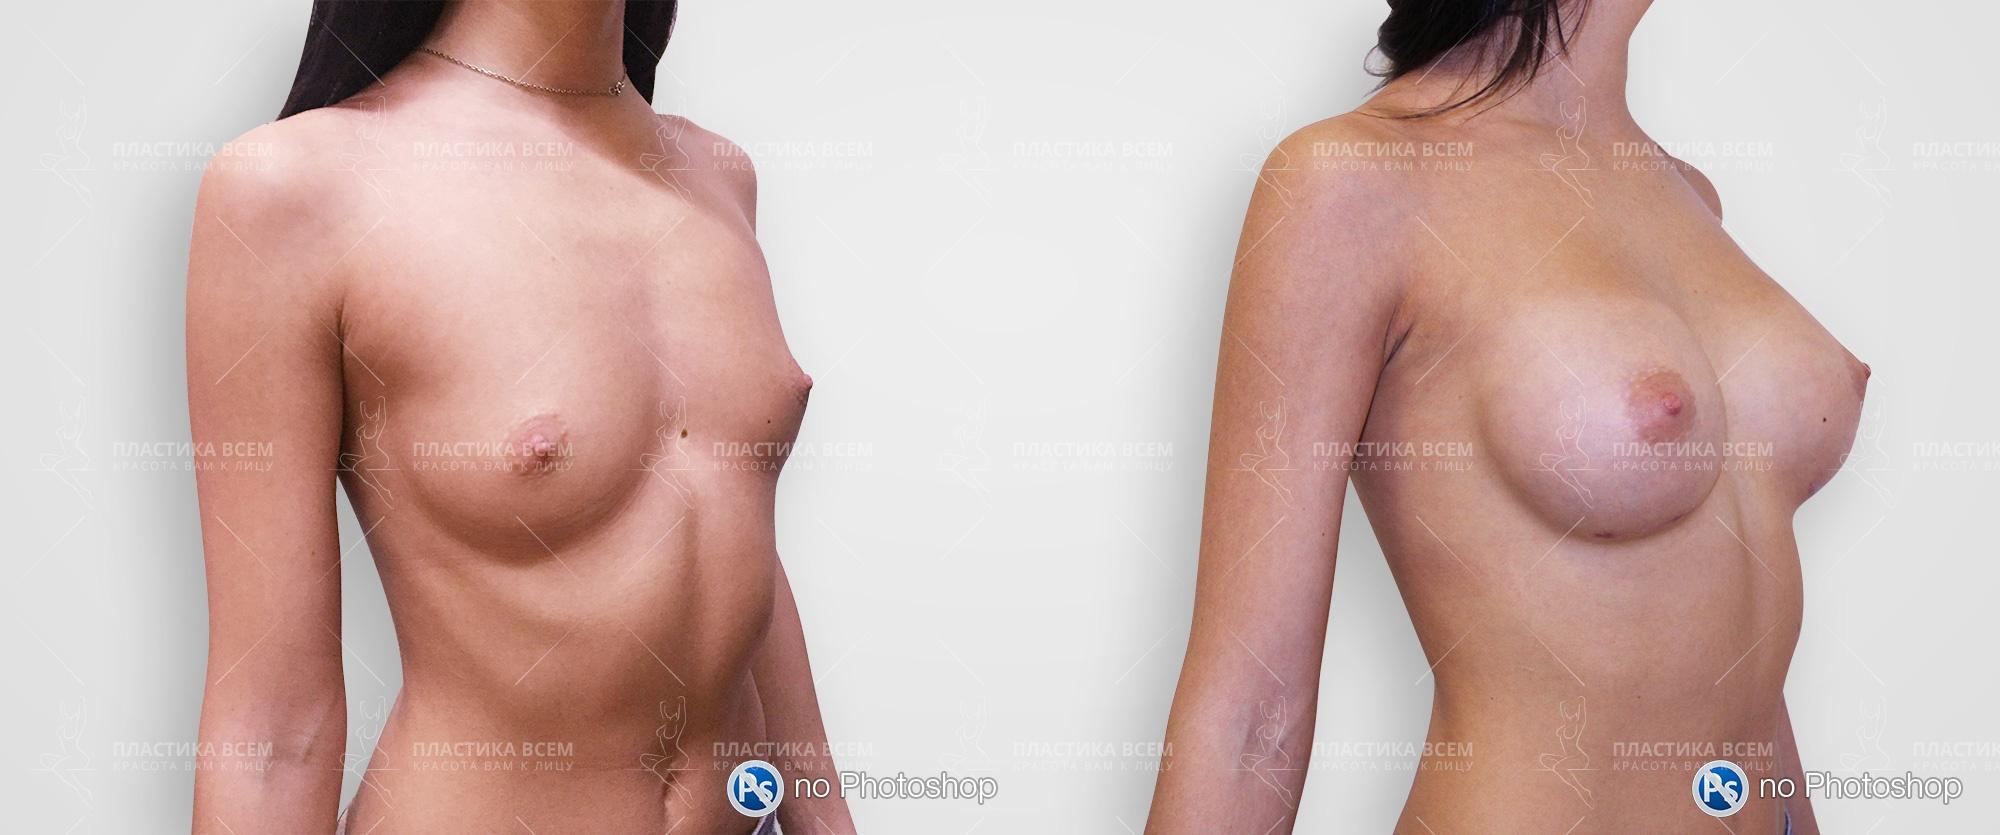 Реально ли увеличить грудь упражнениями